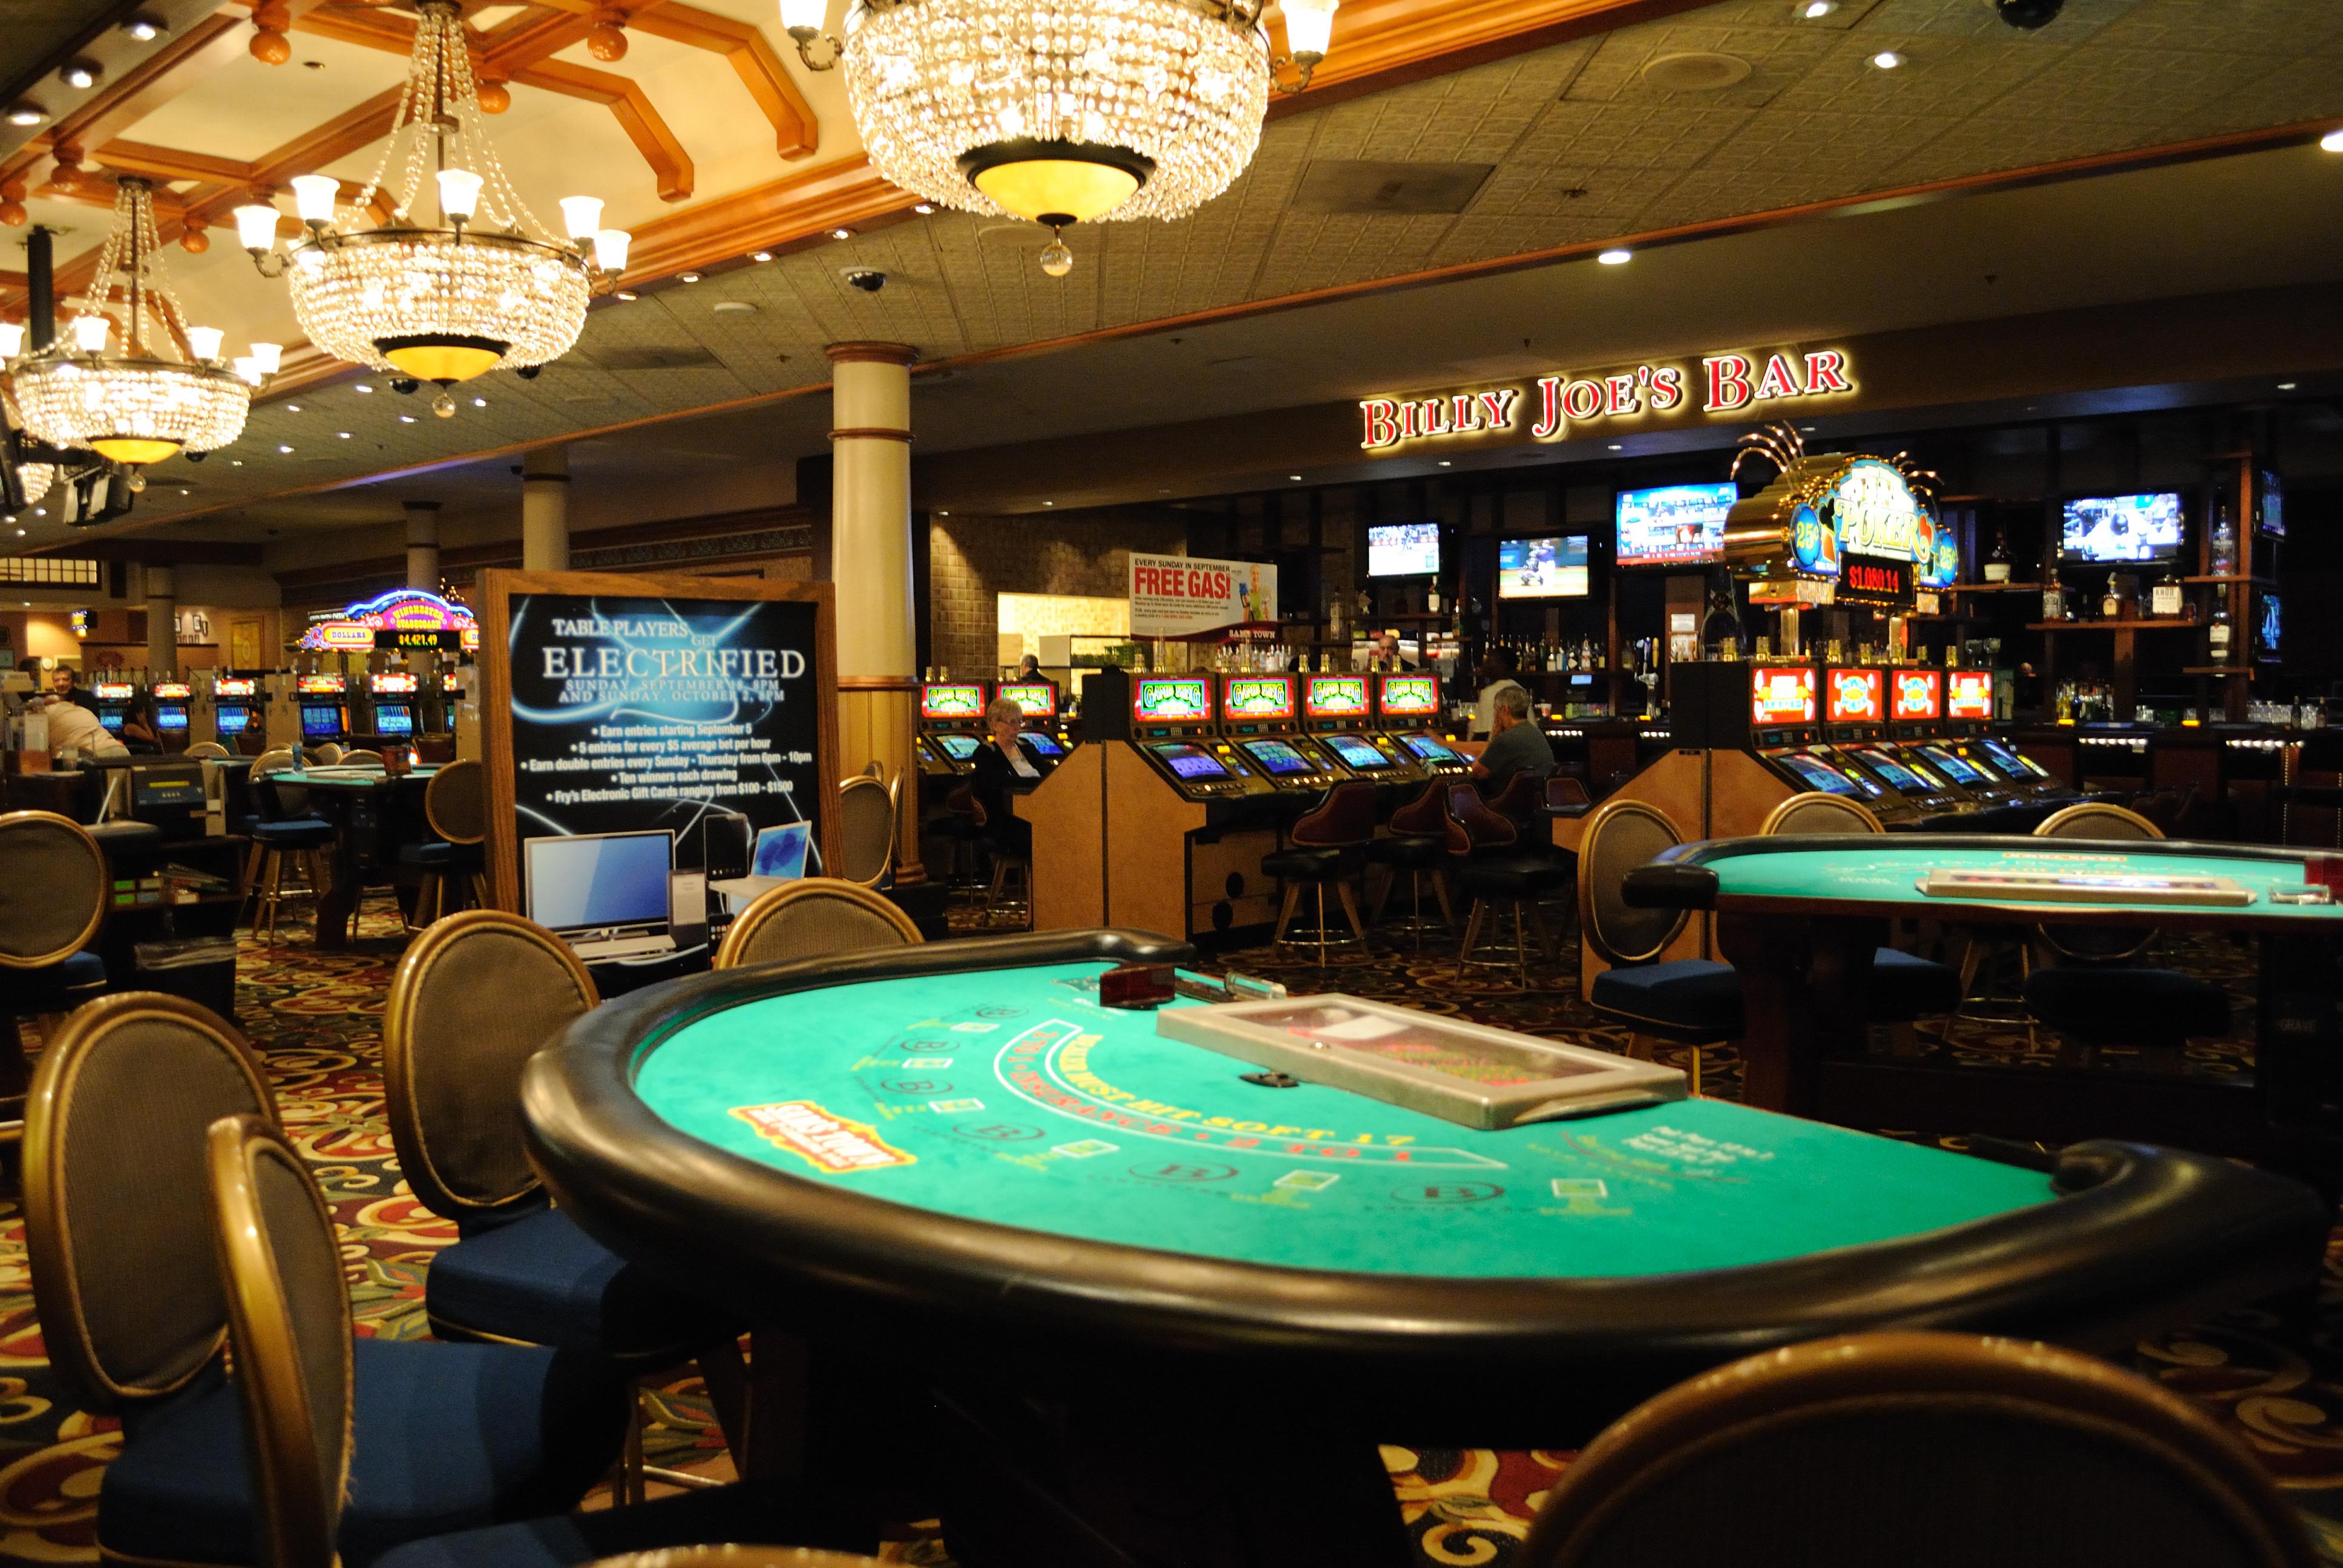 официальный сайт казино адмирал свежее зеркало рабочее сегодня